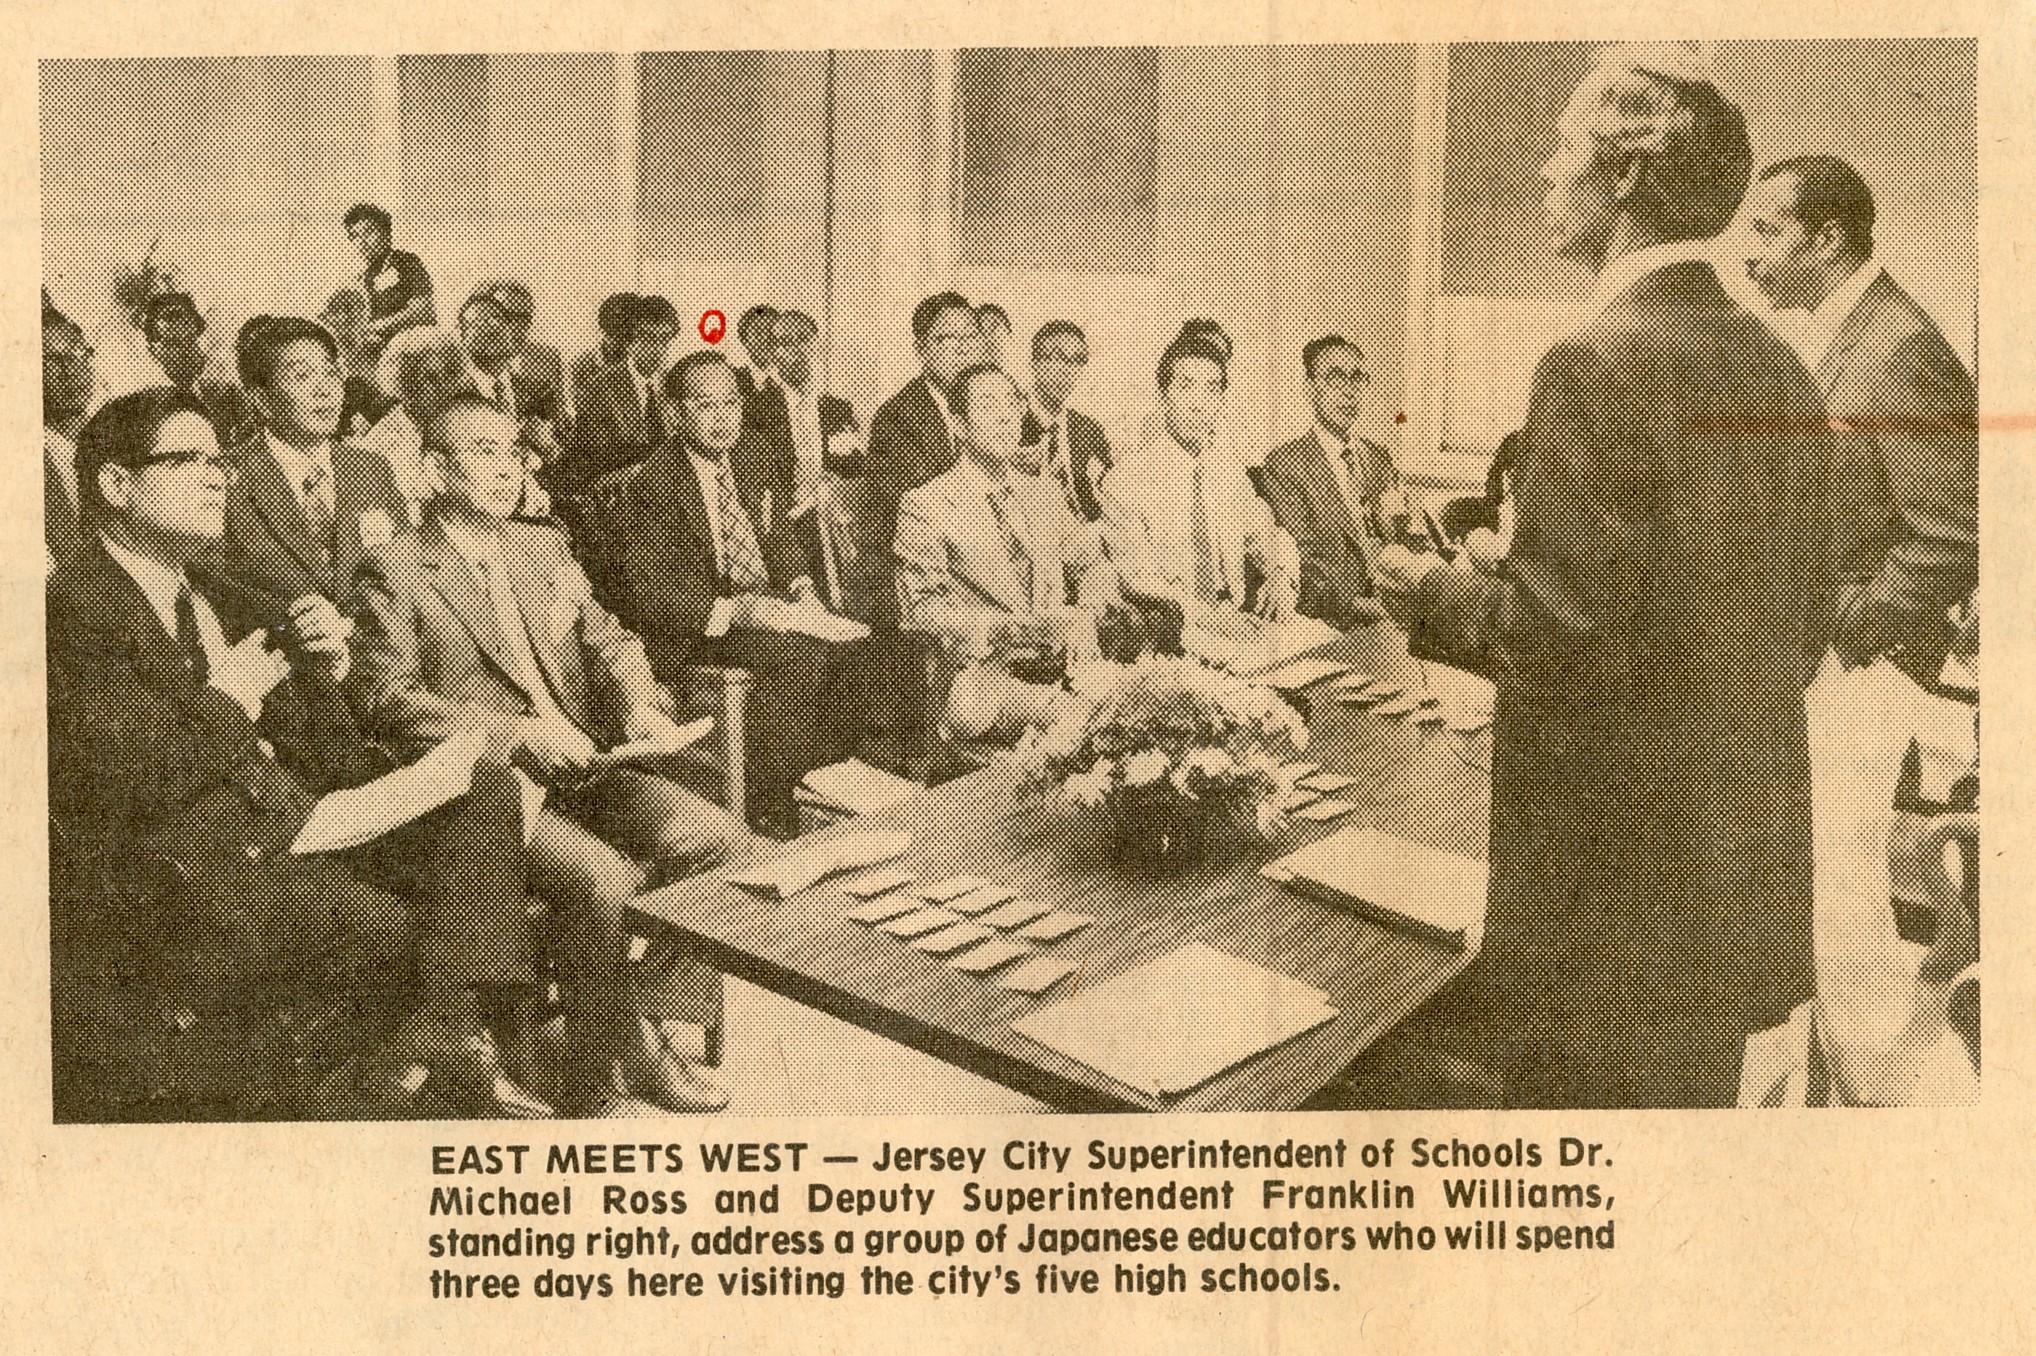 アメリカ・ニュージャージー州ジャージー・シティ教育委員会訪問 'The Jersey Journal'紙1980年9月16日付